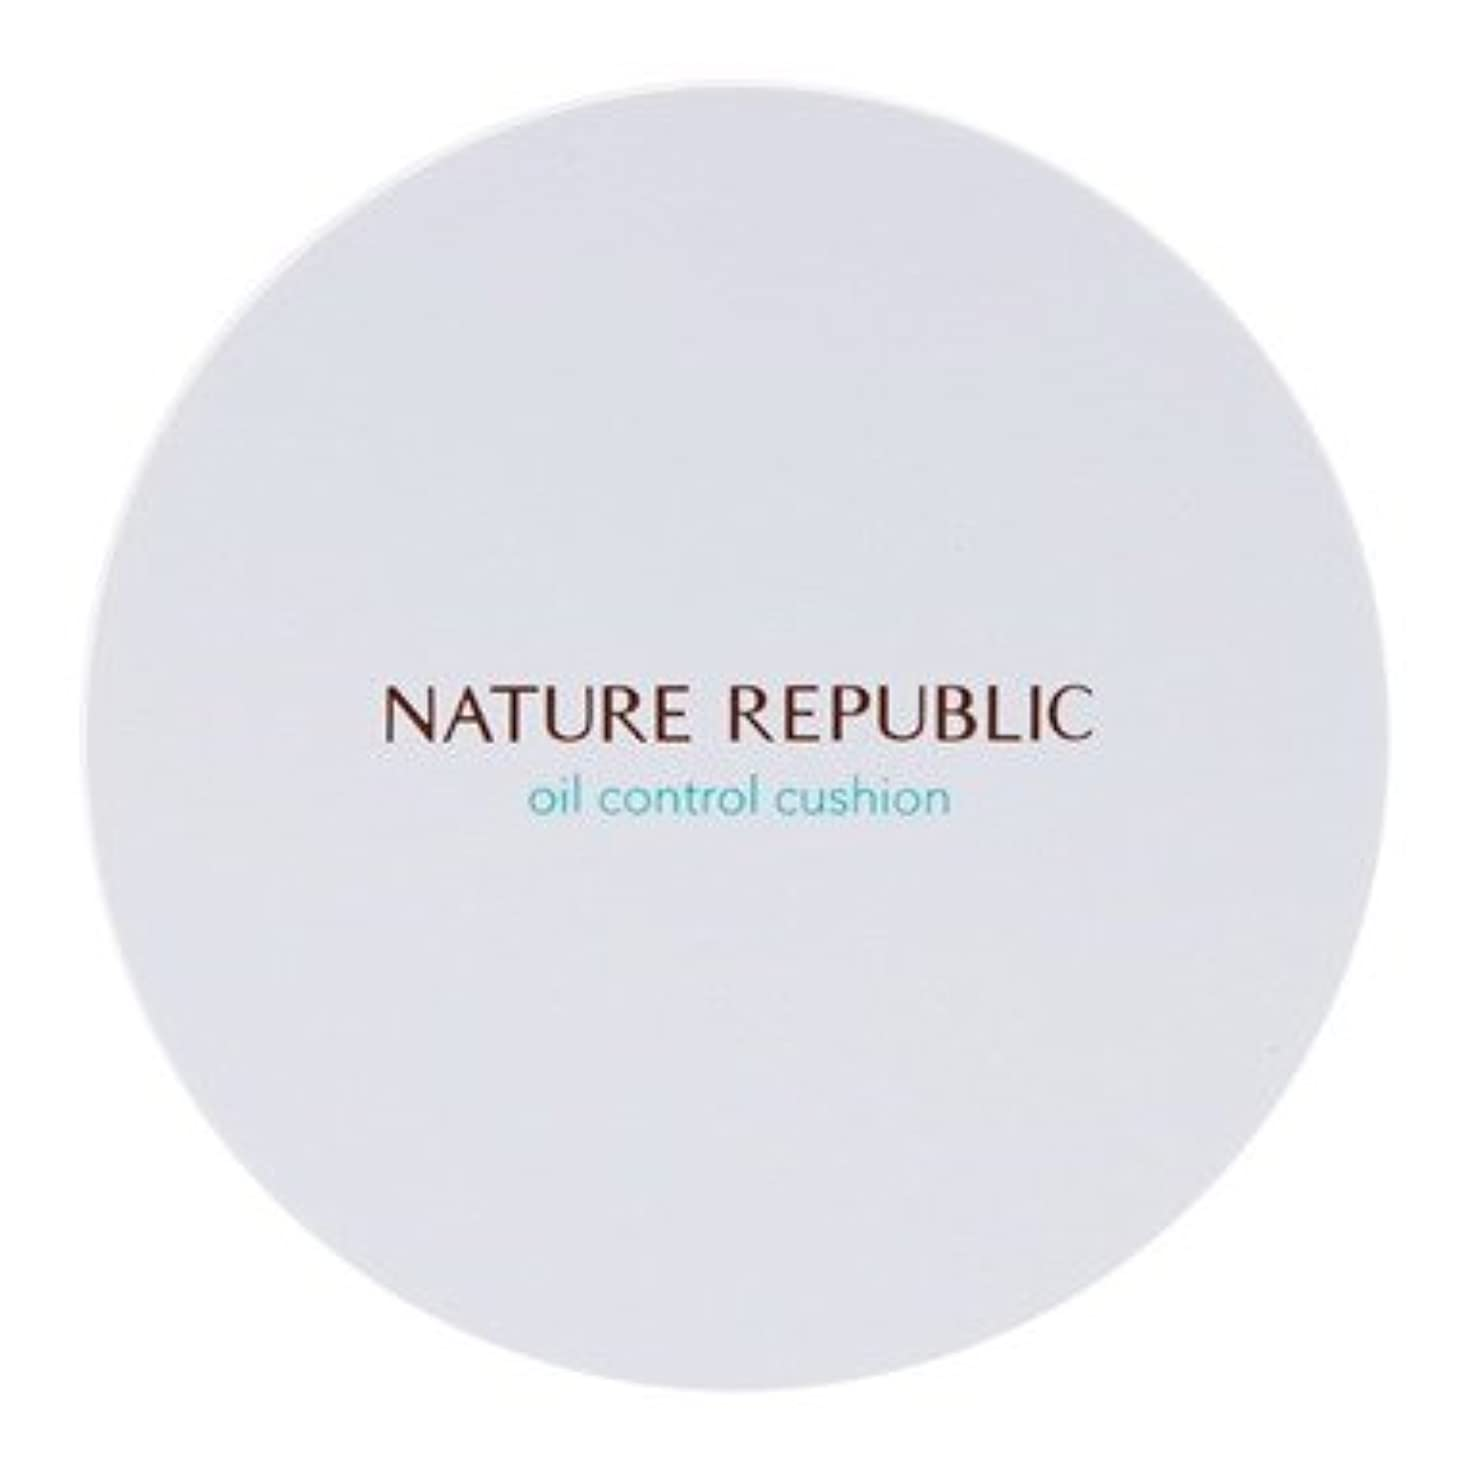 体一次性的【NATURE REPUBLIC (ネイチャーリパブリック)】プロヴァンス エアスキンフィット オイルコントロール クッション 15g (SPF50+/ PA+++)(2カラー選択1) (02 ナチュラルベージュ) [並行輸入品]